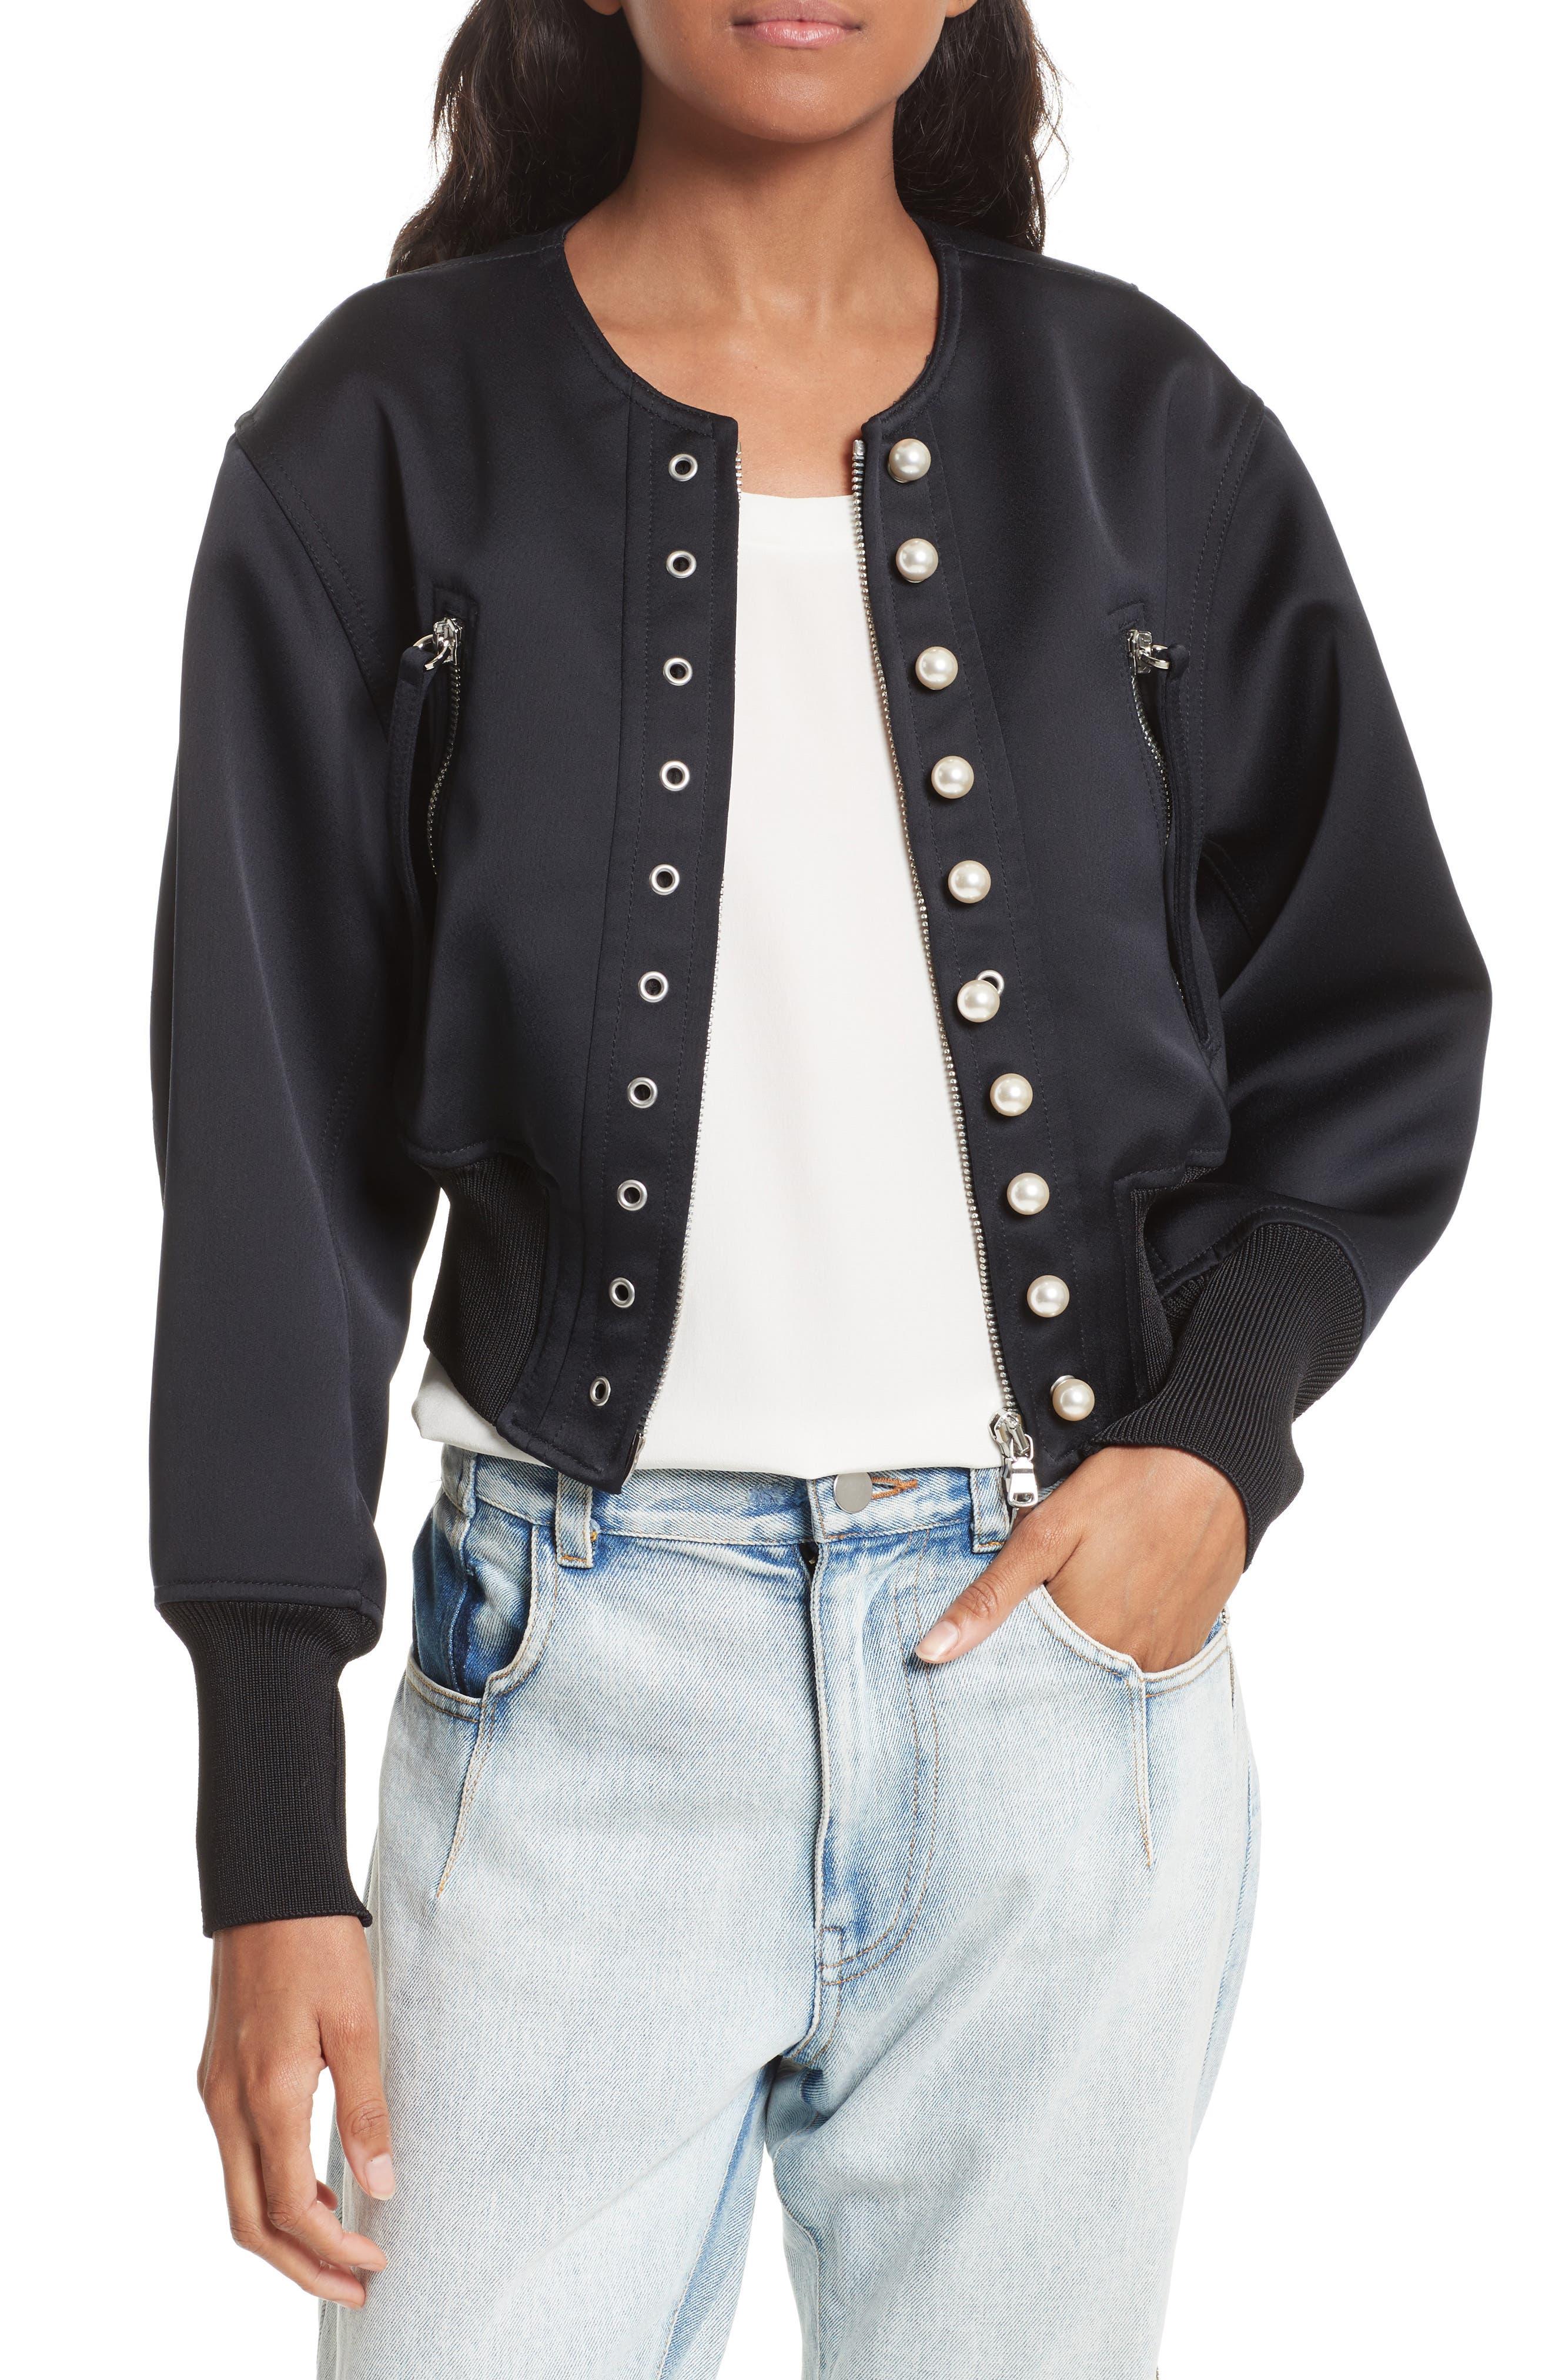 Alternate Image 1 Selected - 3.1 Phillip Lim Grommet & Faux Pearl Embellished Bomber Jacket